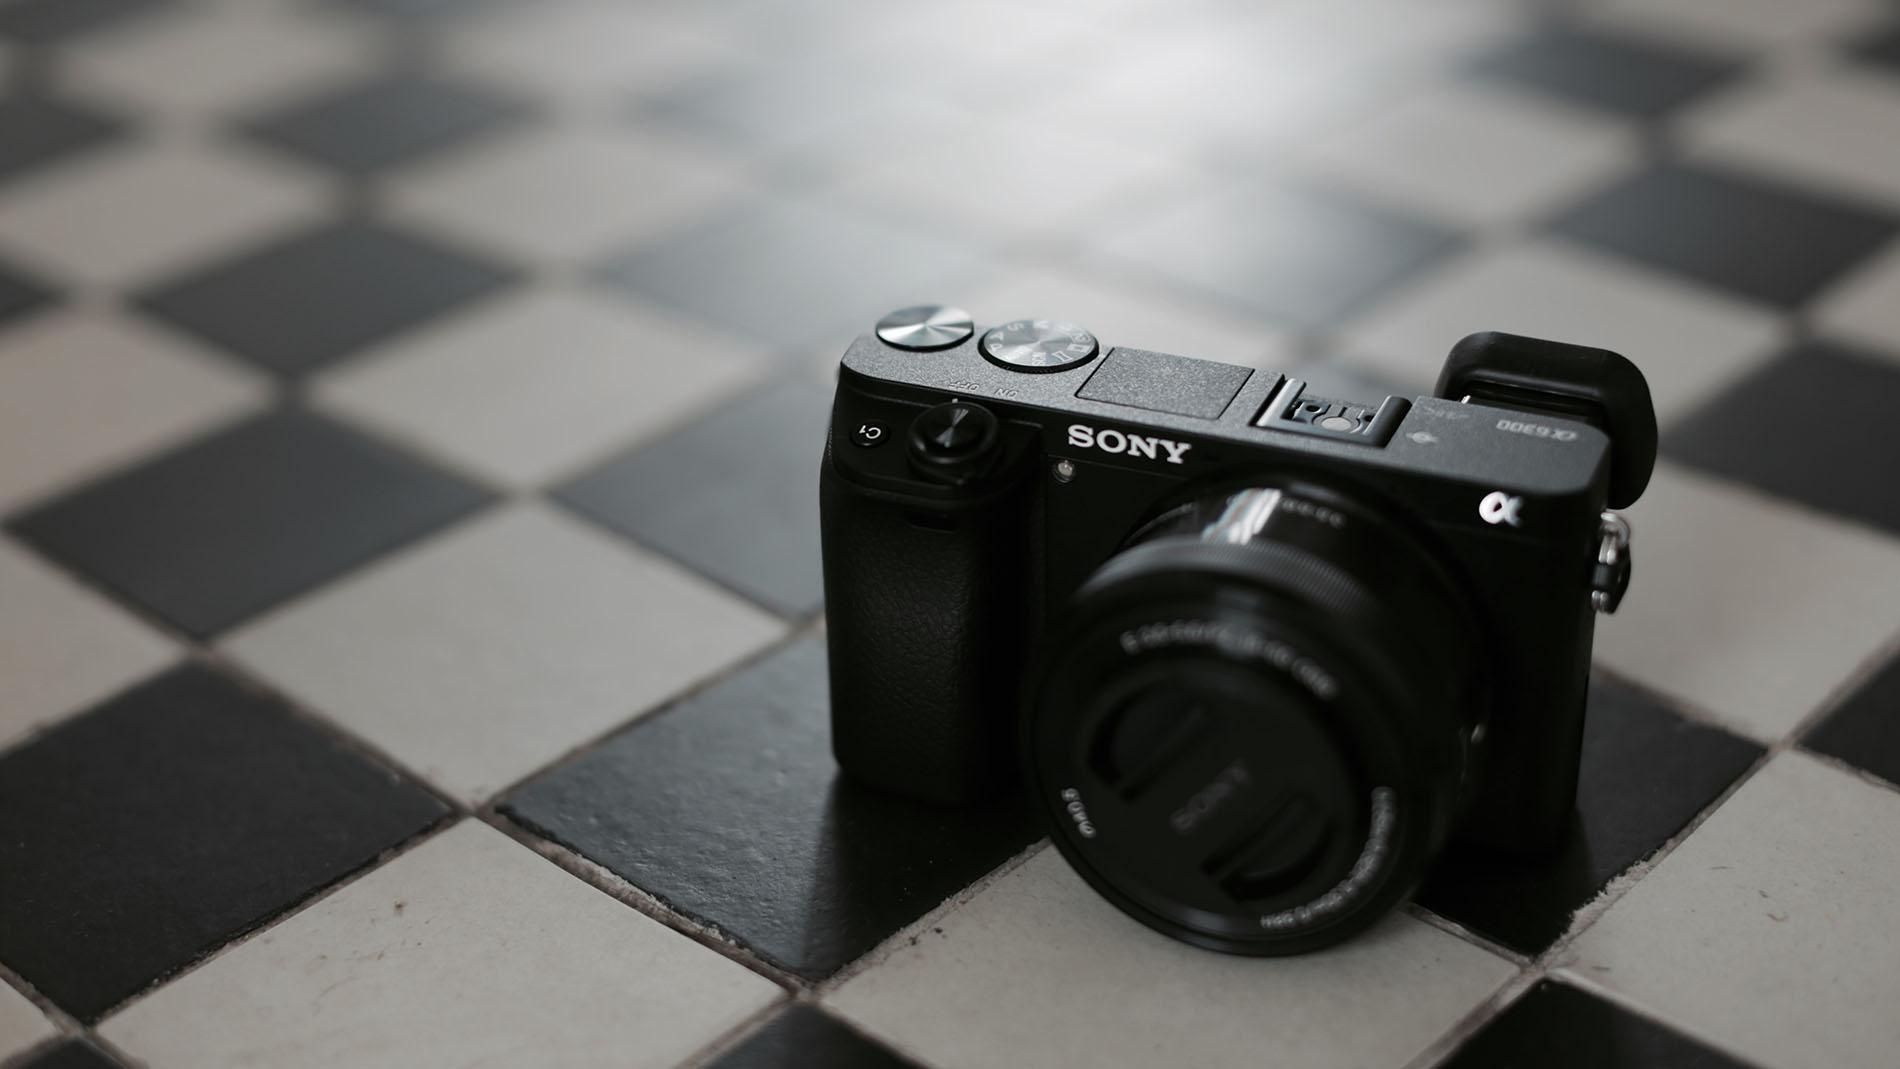 Filmsbyben get new 4K camera image